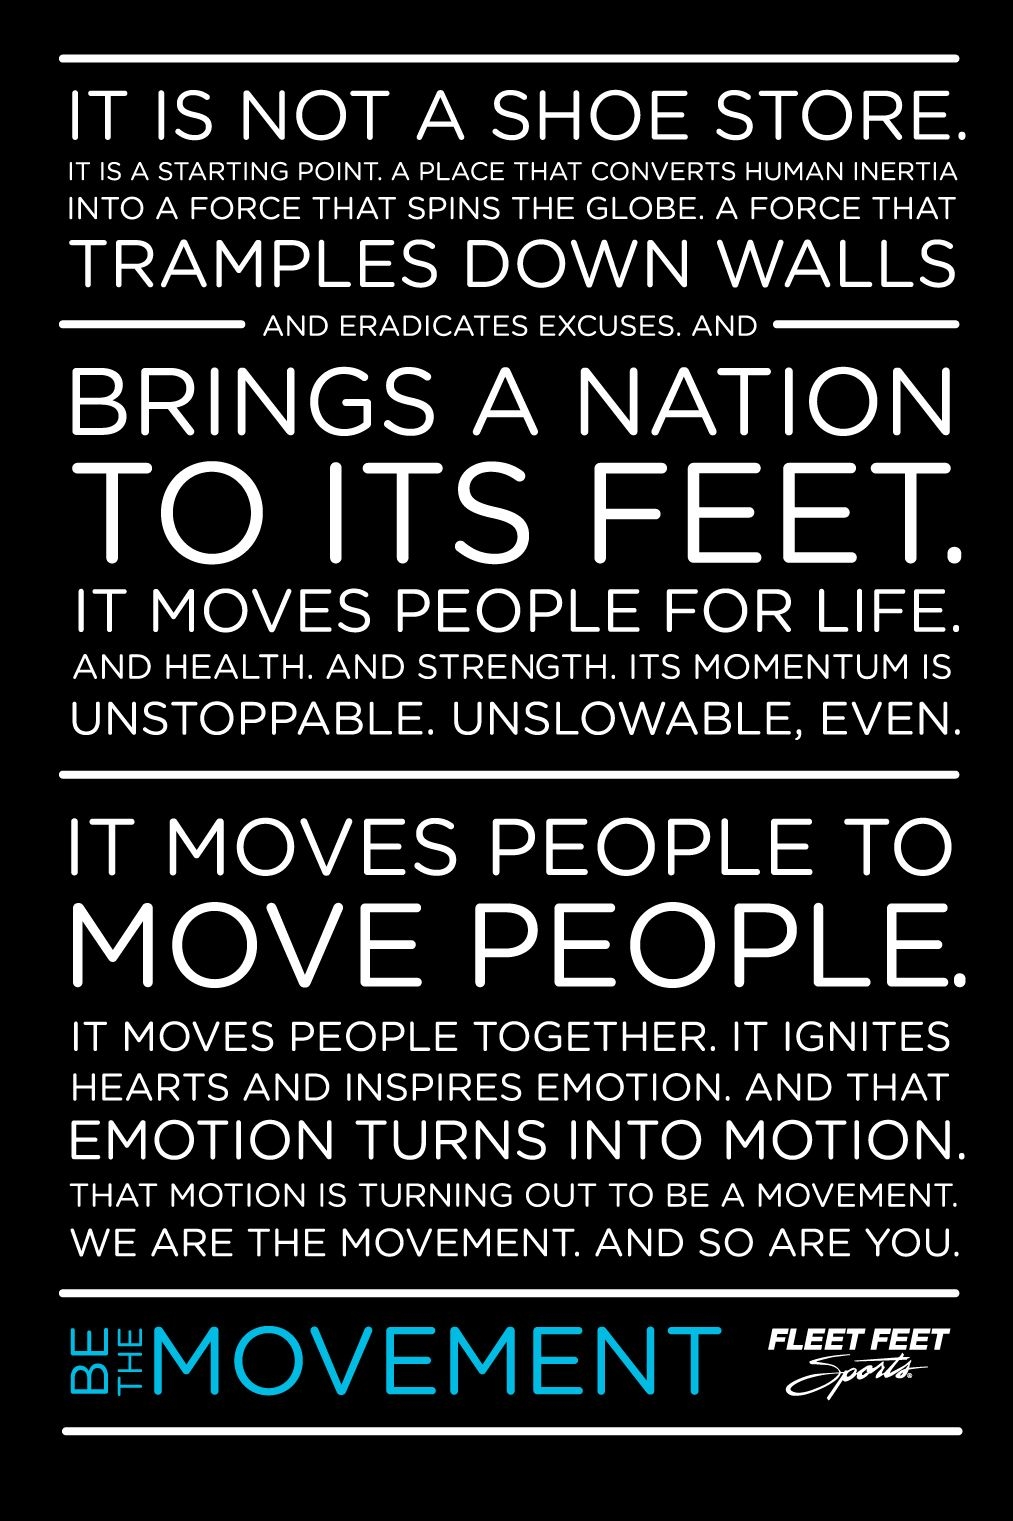 Fleet Feet Sports Manifesto Fleet feet, Fleet feet